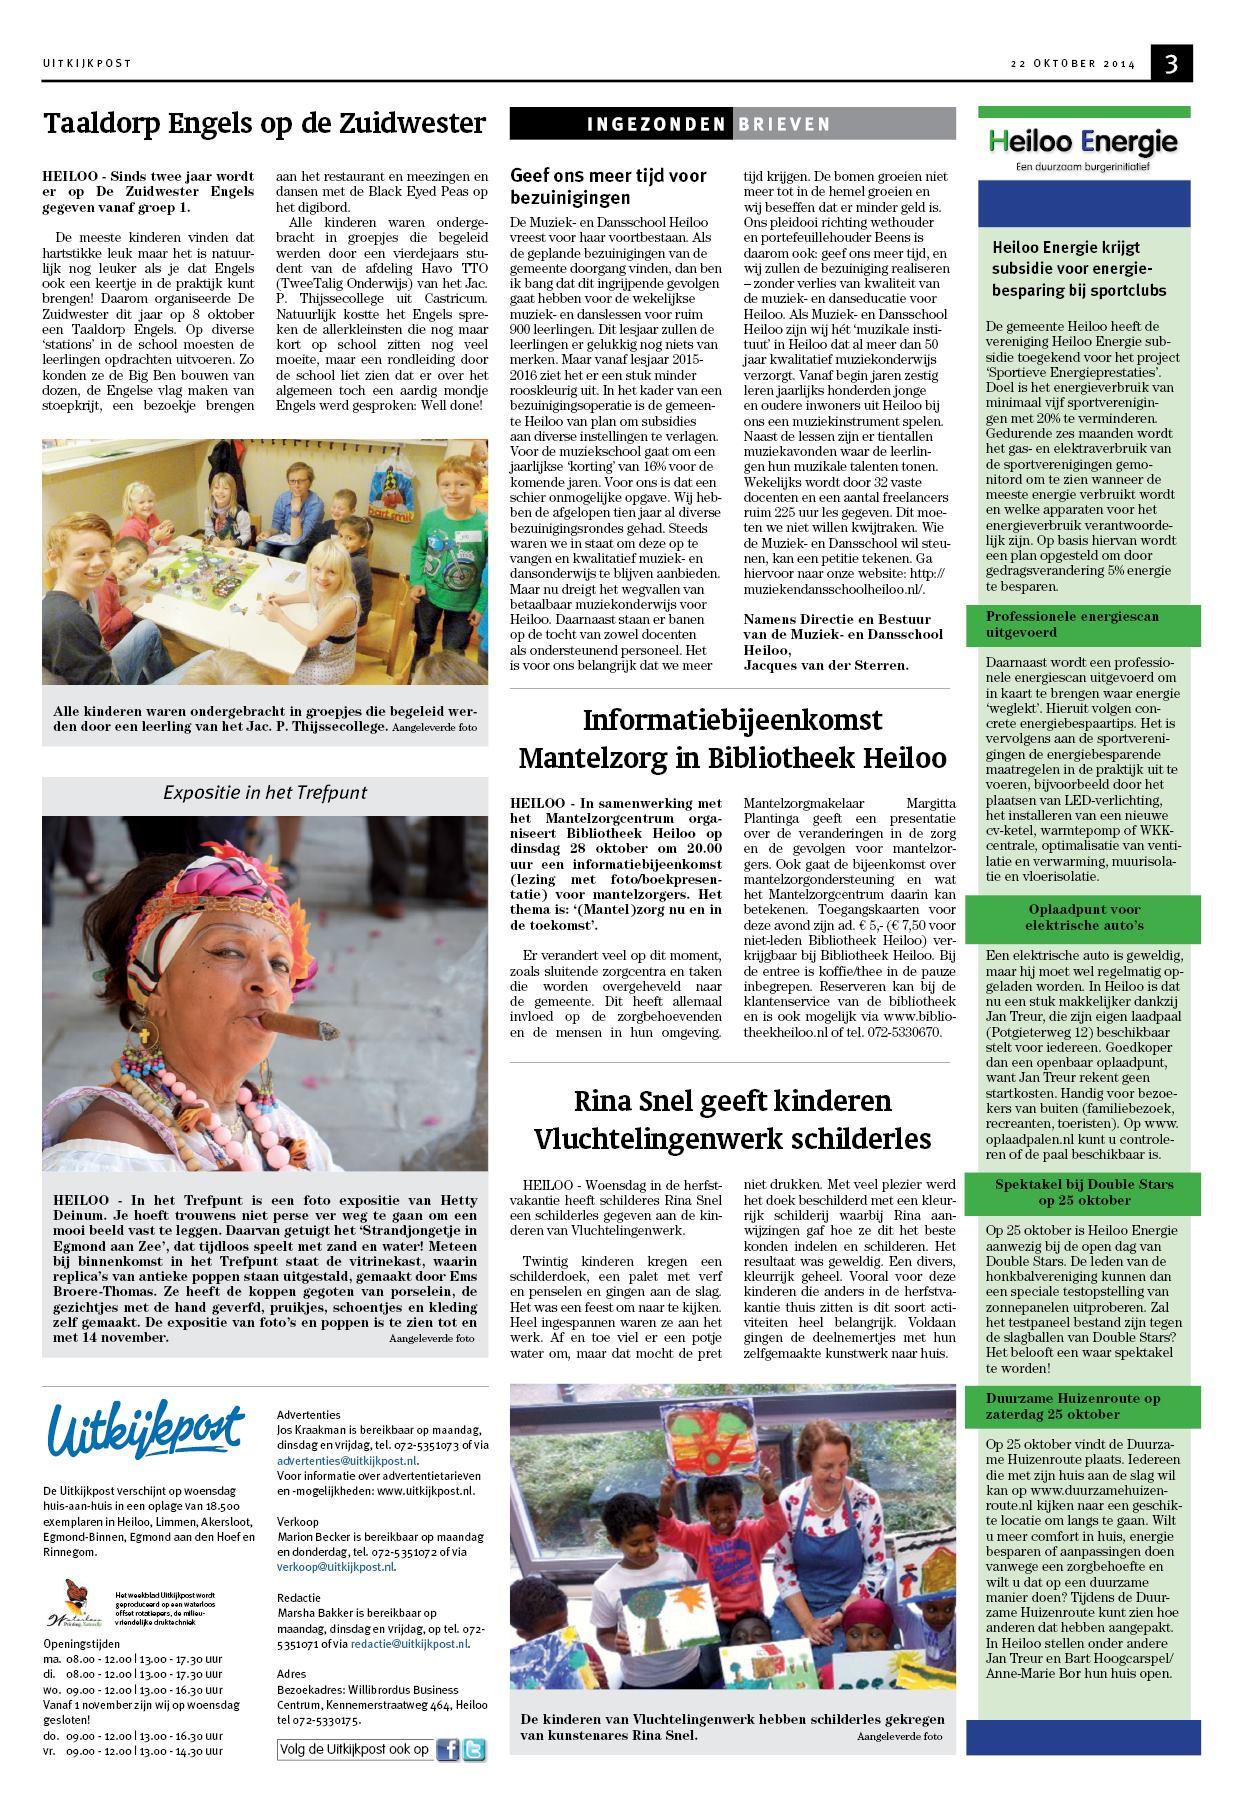 9e61cfad64a De Uitkijkpost 22 oktober 2014